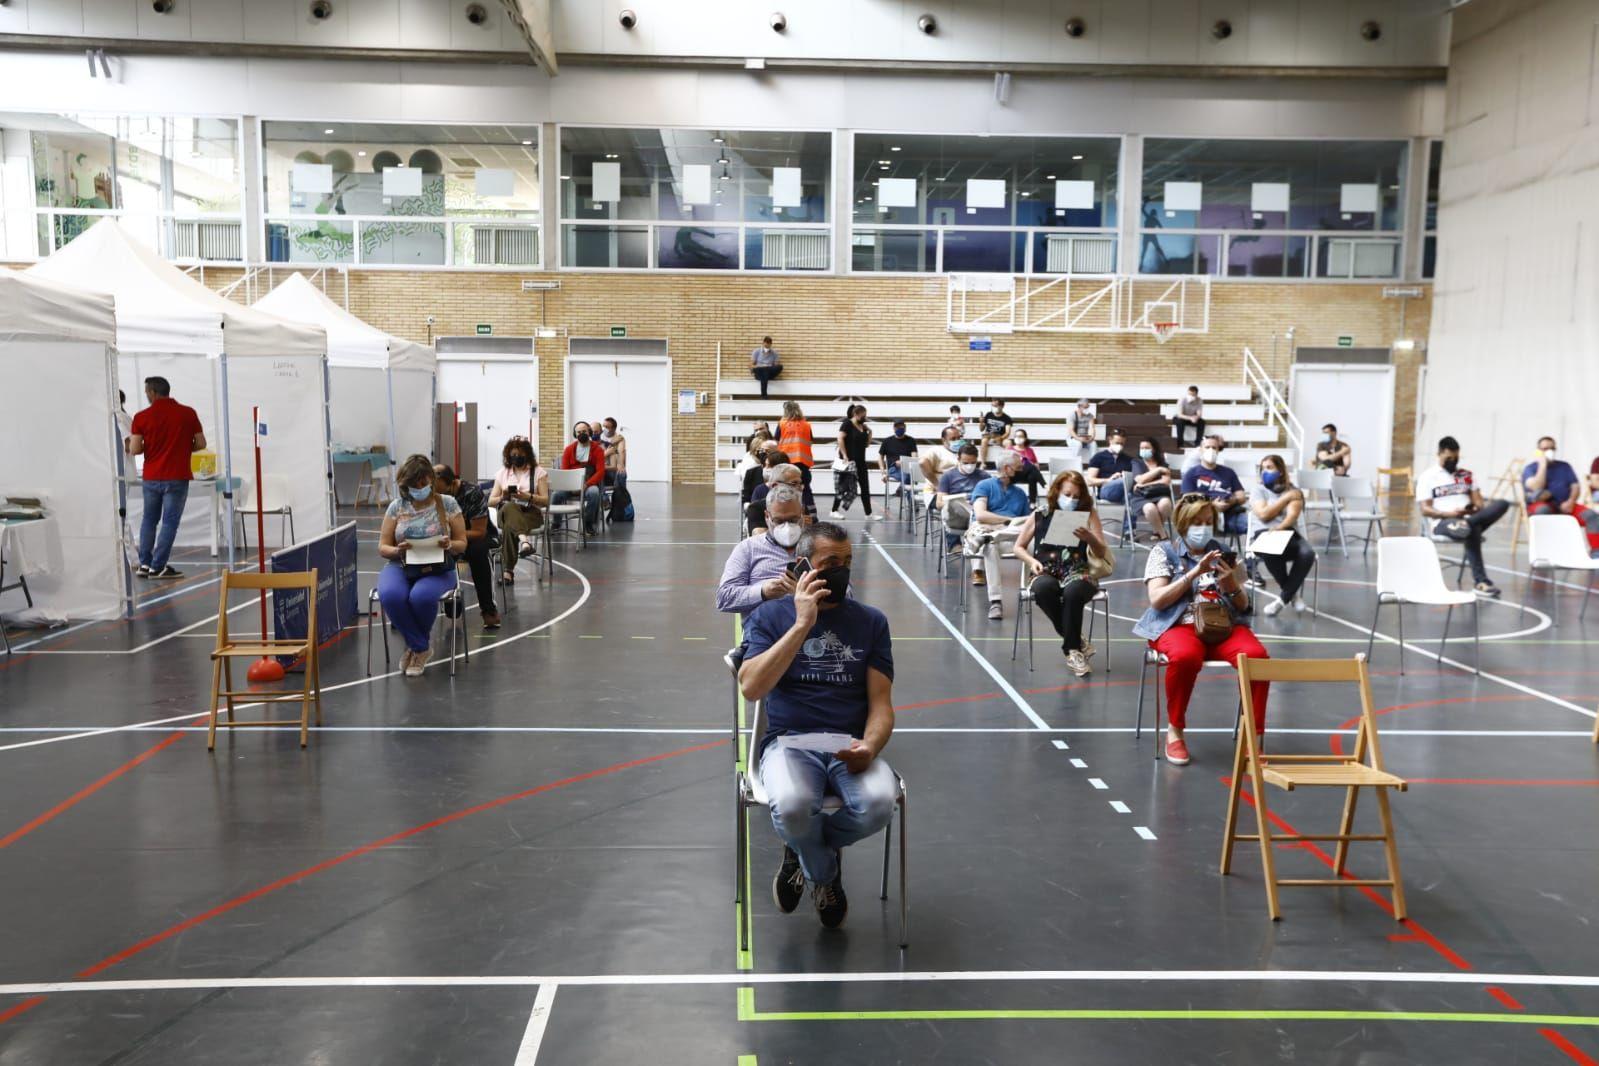 Vacunación masiva con la vacuna de Janssen en el polideportivo de la Universidad de Zaragoza